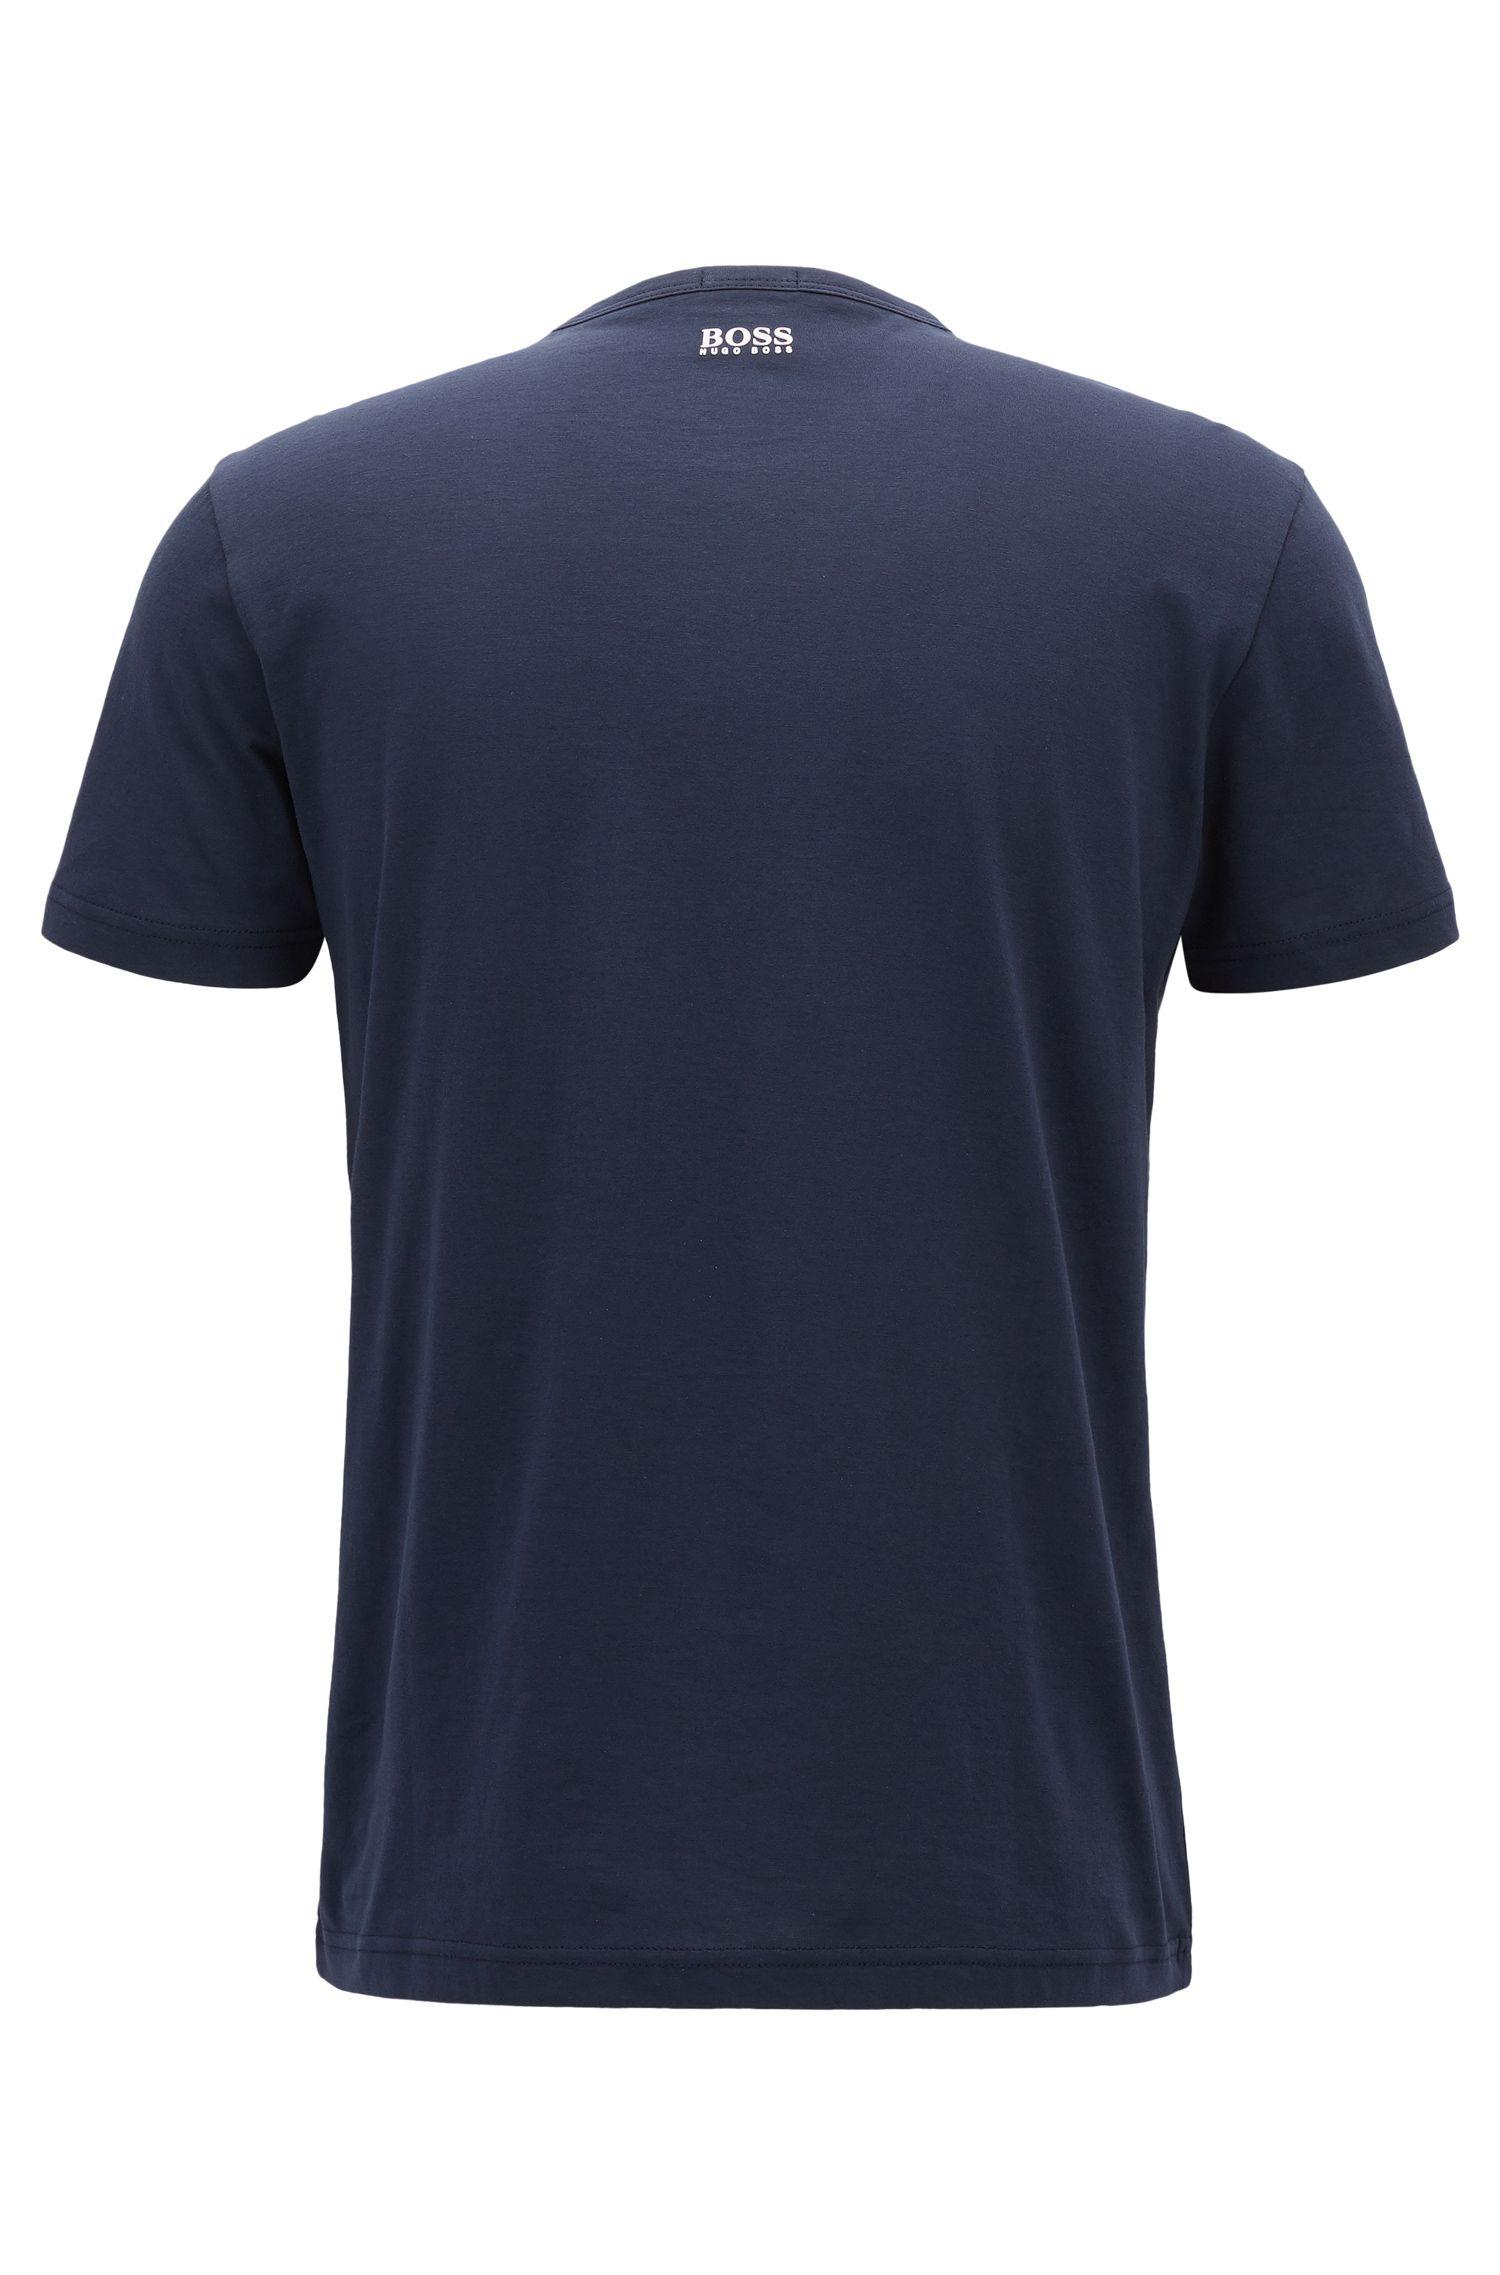 T-shirt in morbido cotone con logo 3D